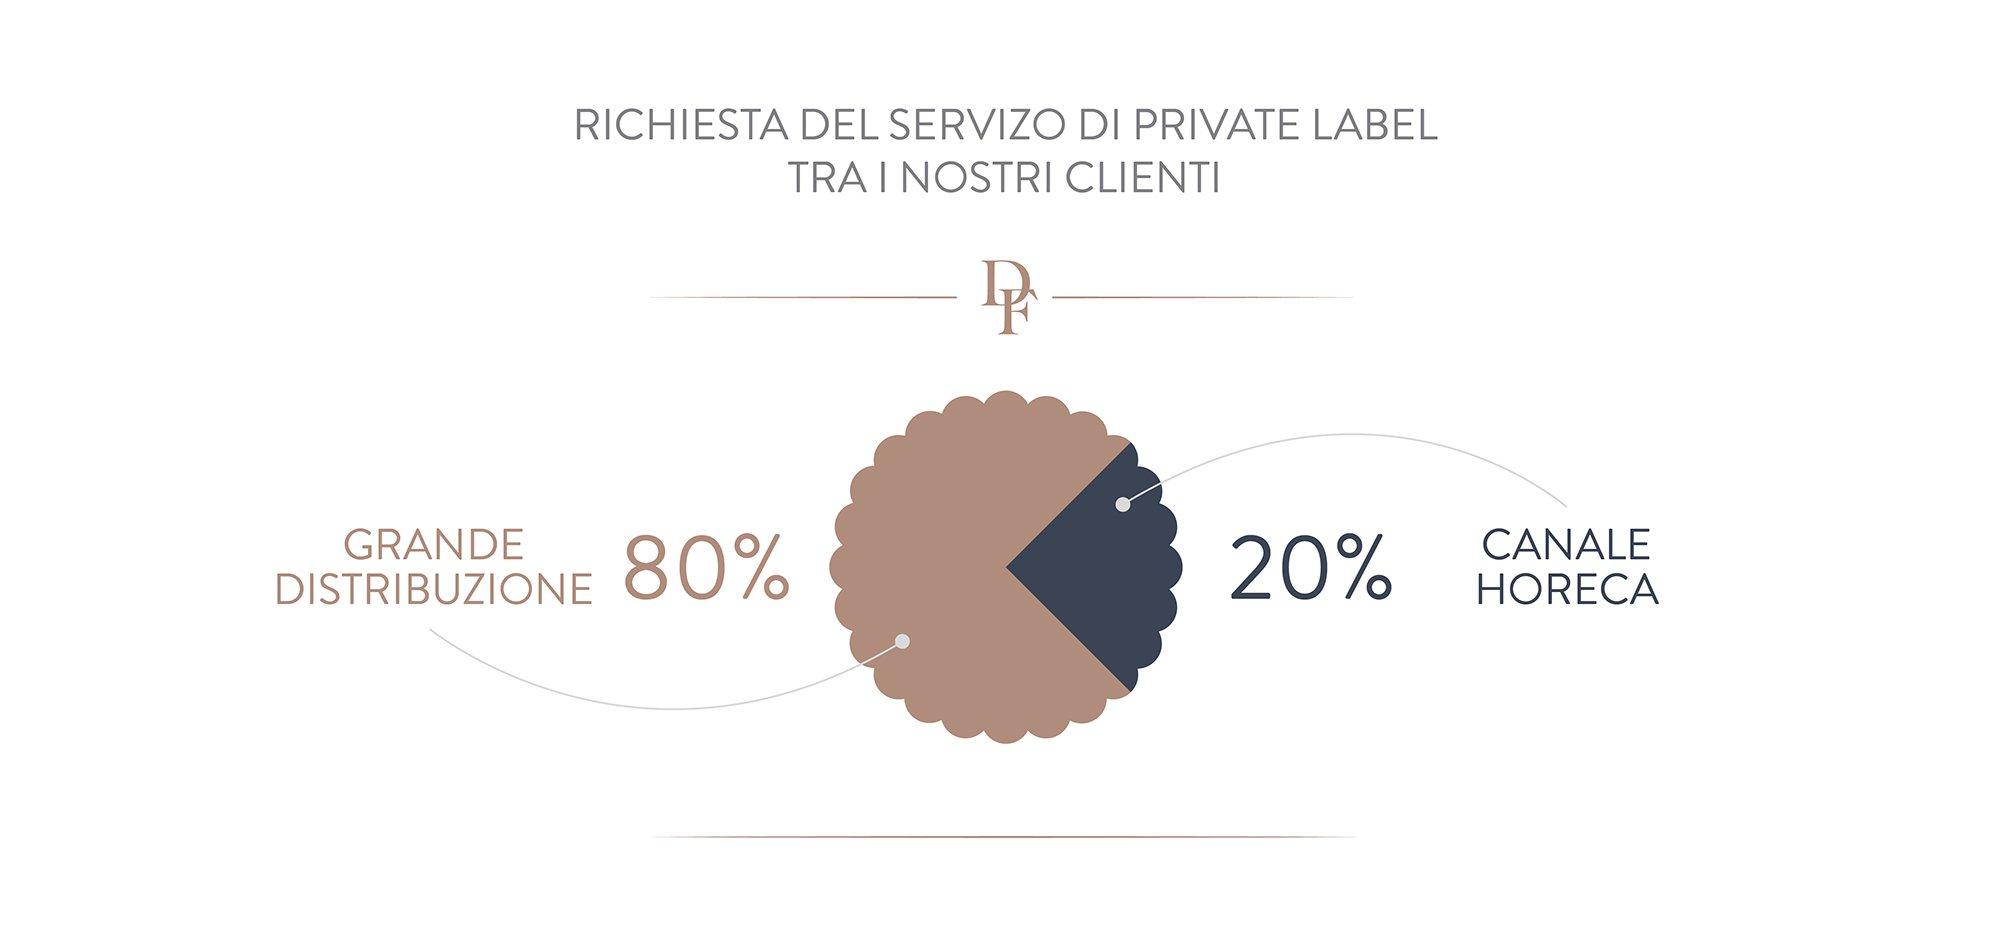 private label market share